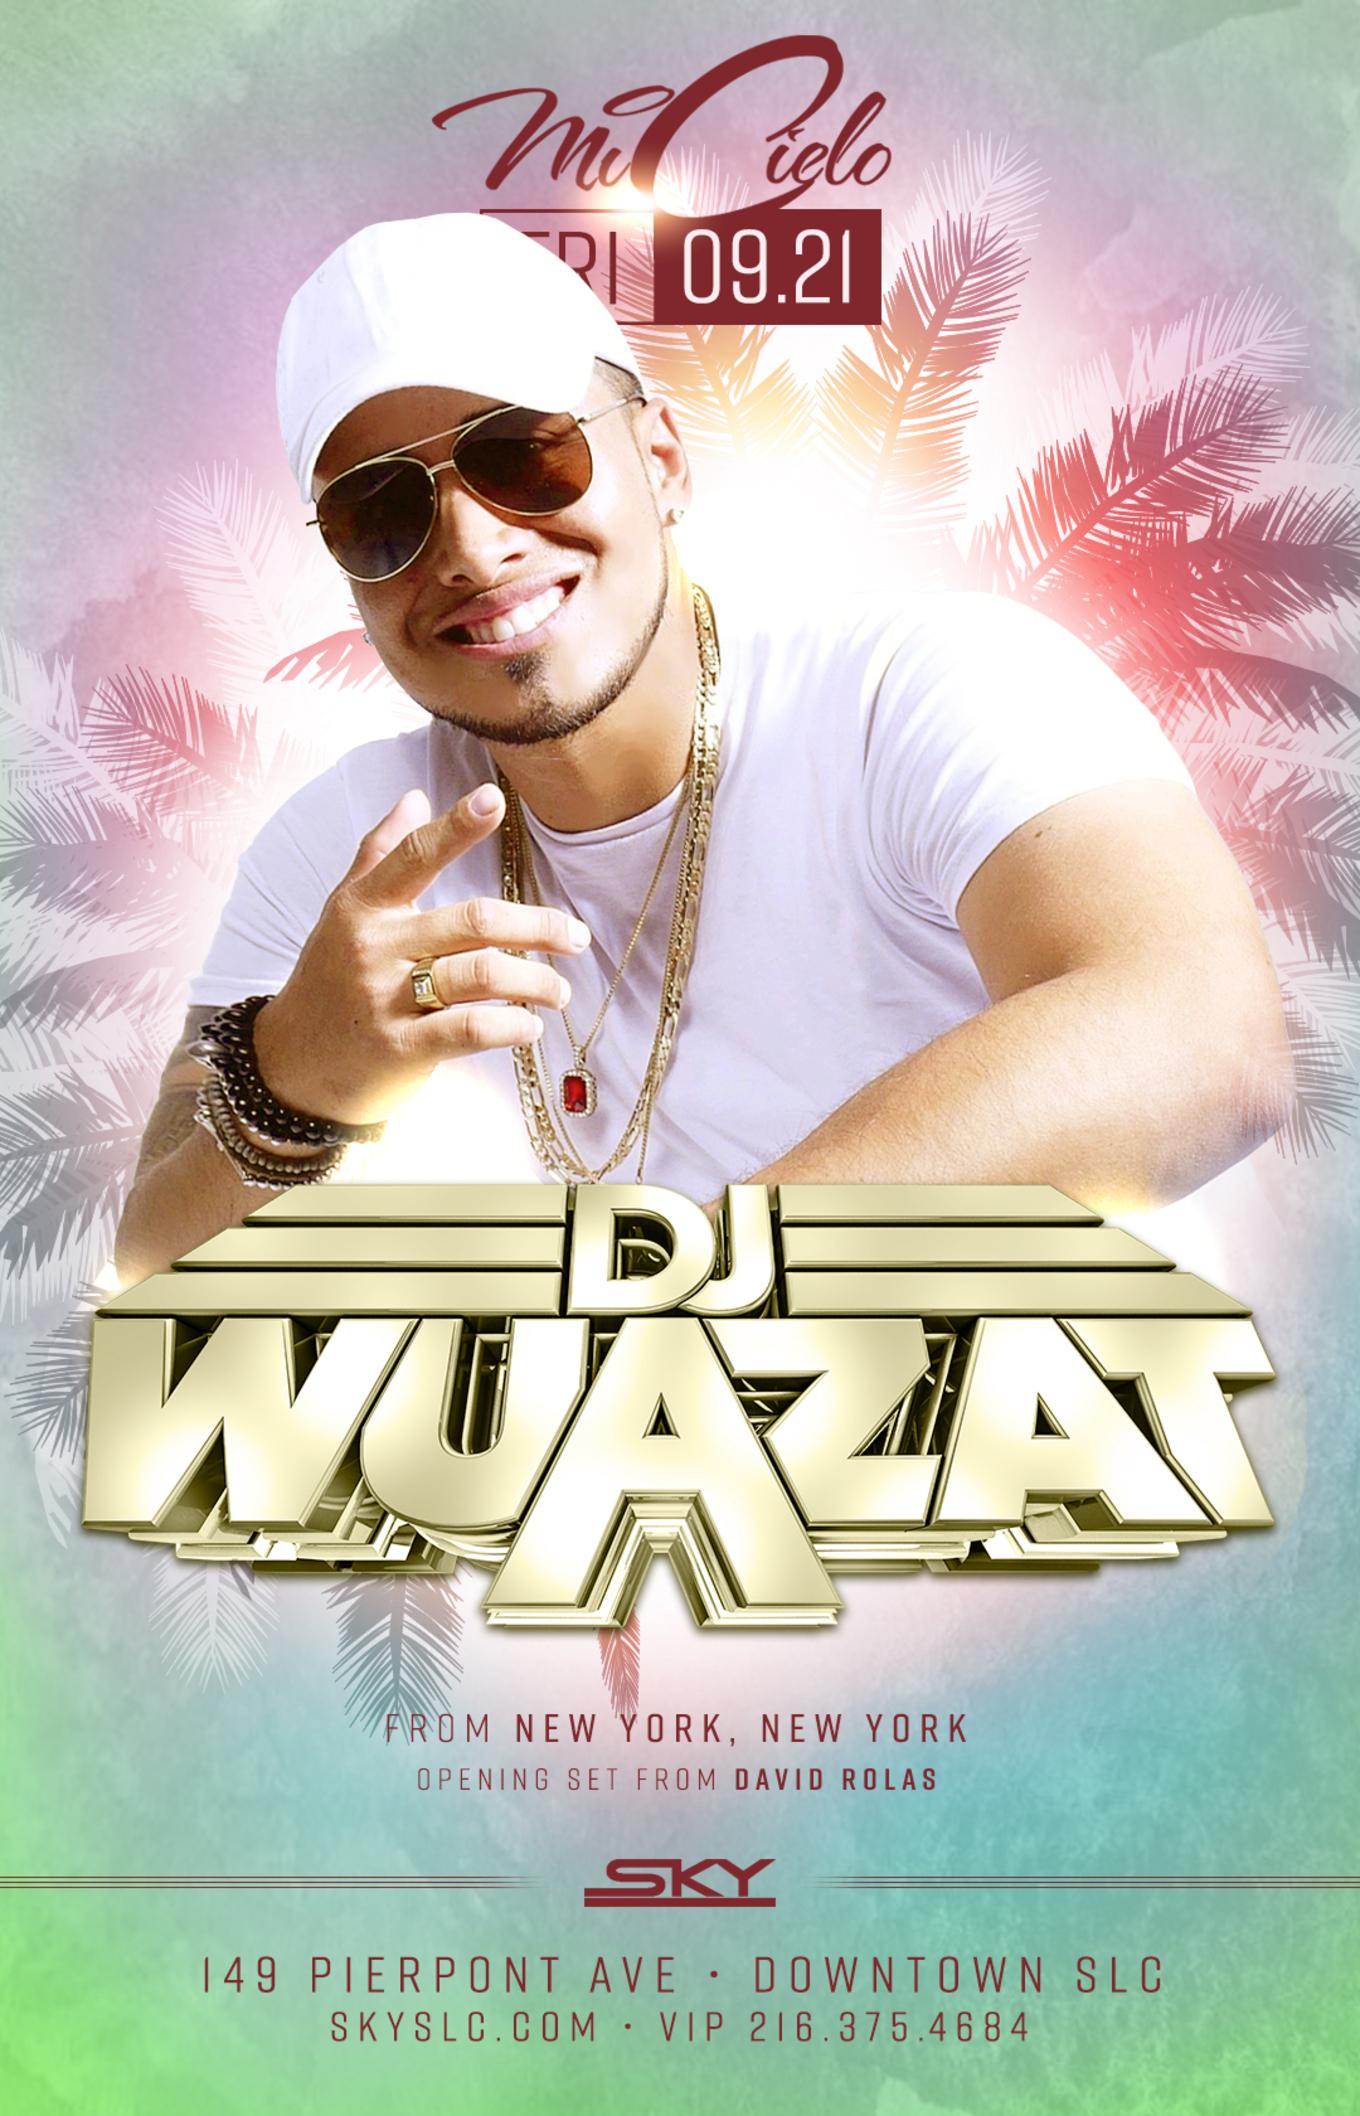 wuazat